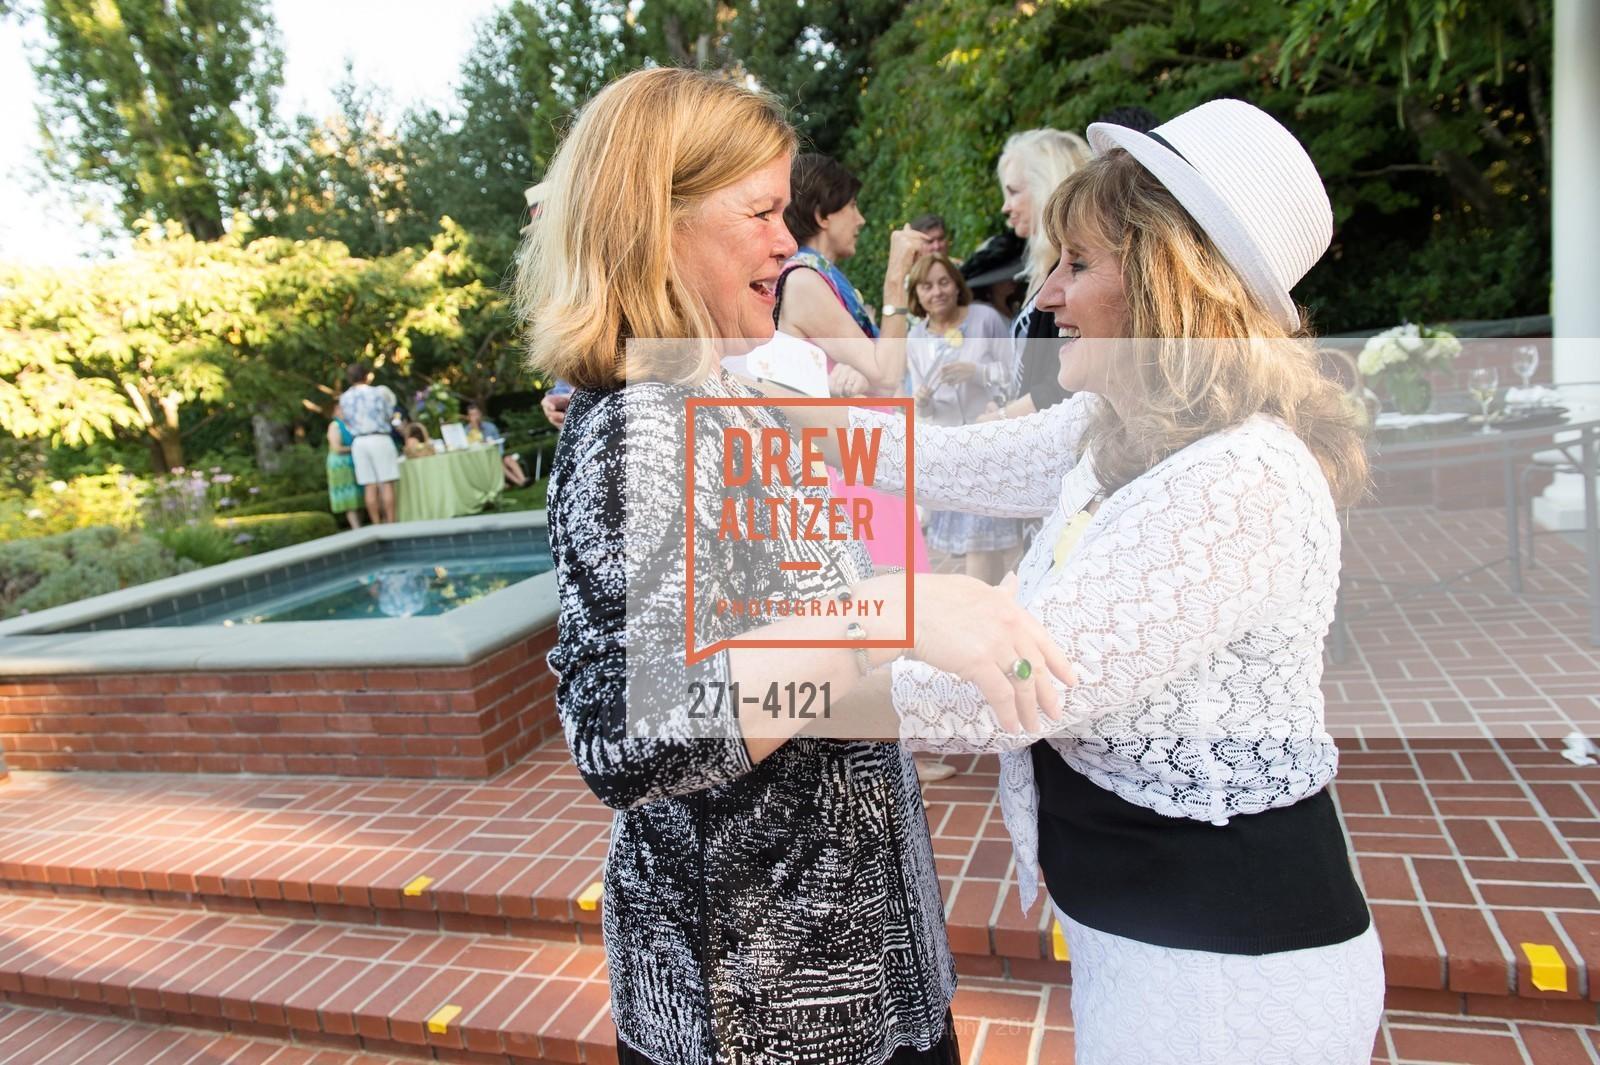 Nancy Rowe, Dena Zwingle, Photo #271-4121